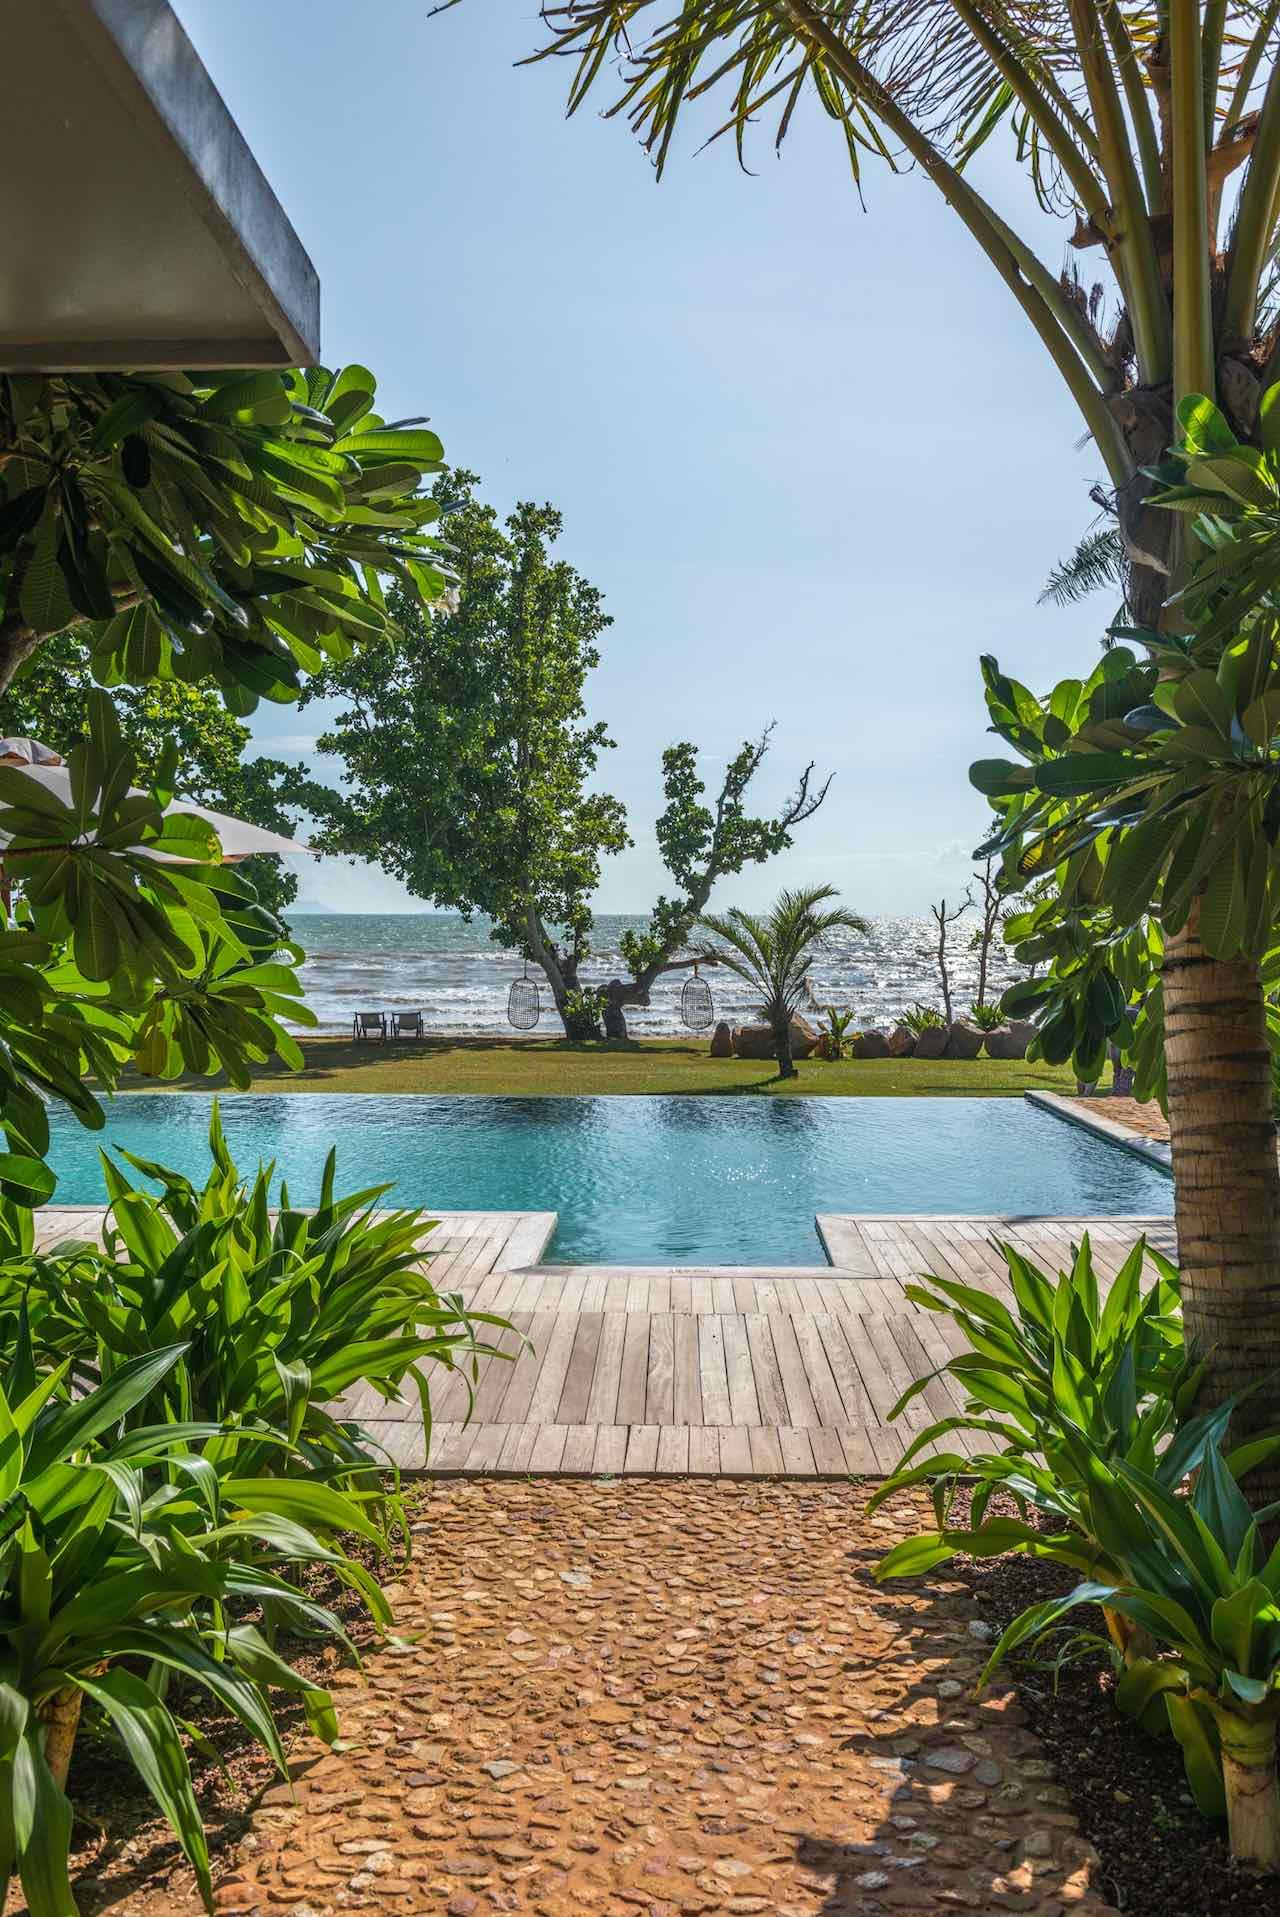 Hotel Knai Bang Chatt Kep Cambodia